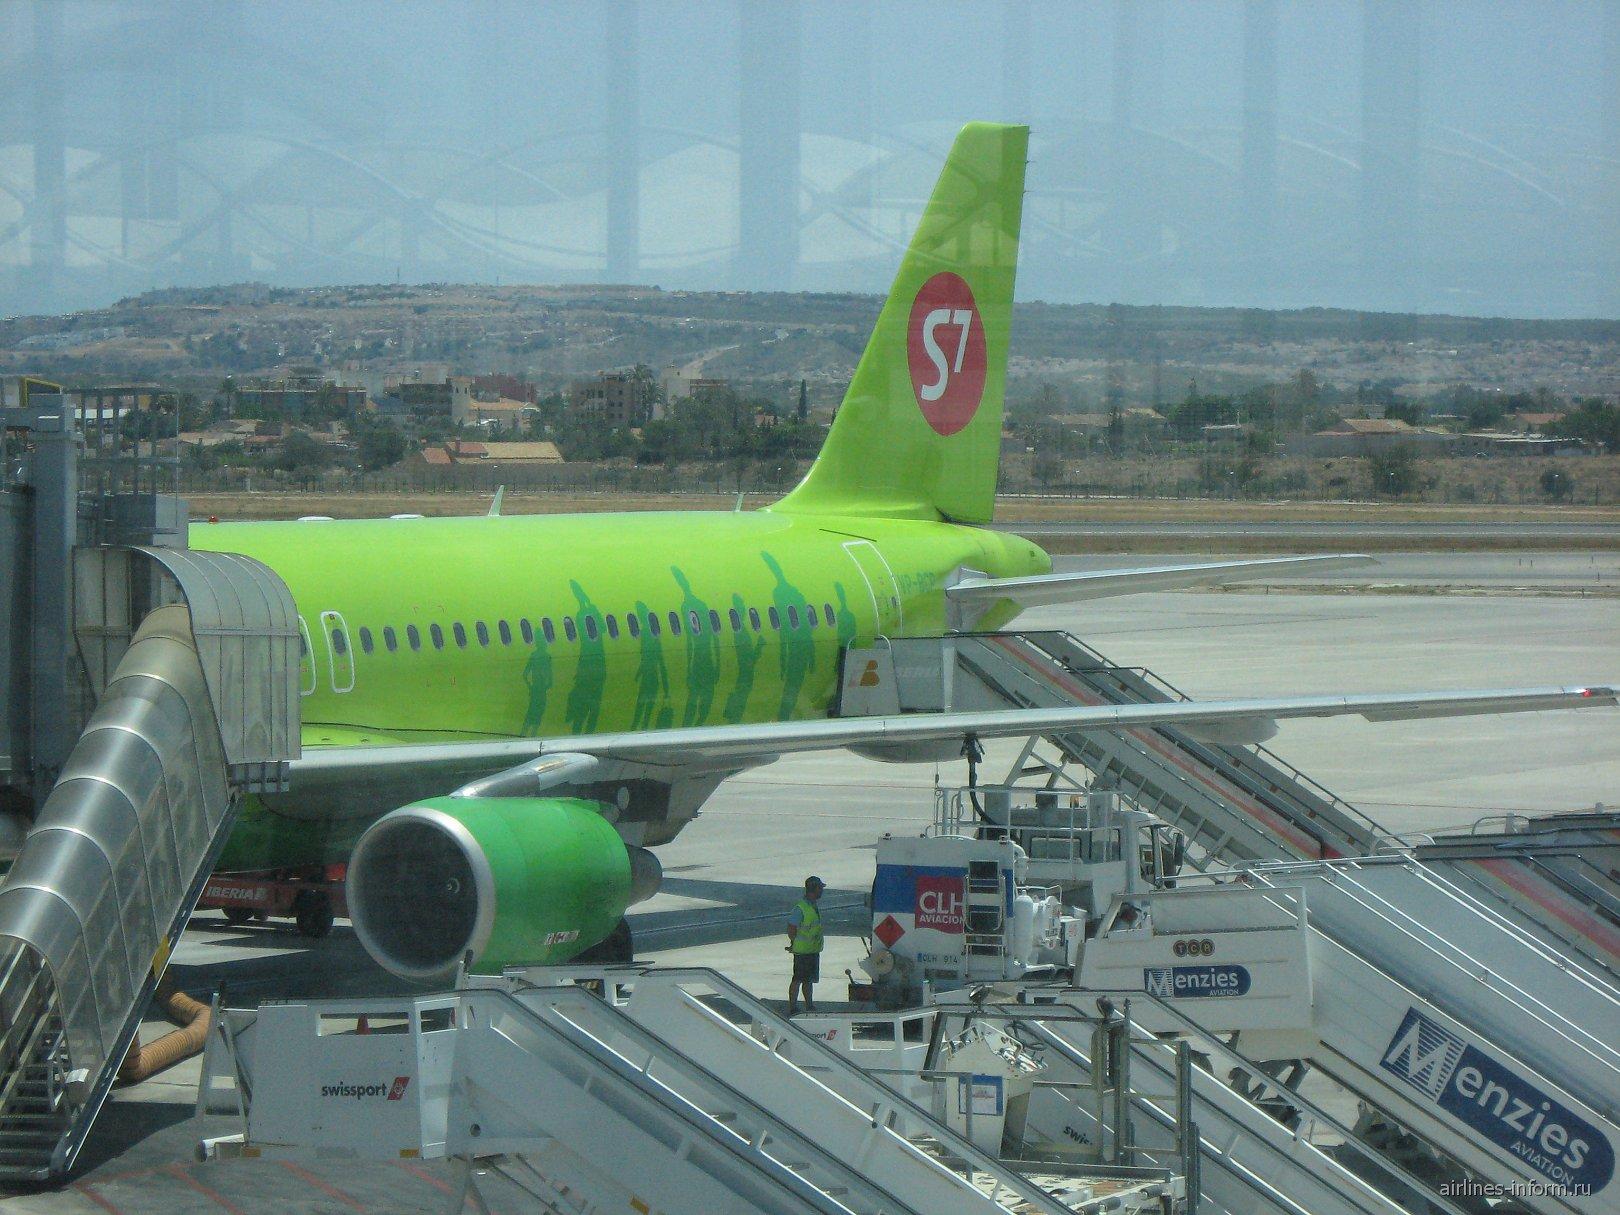 Аликанте-Москва с S7 Airlines